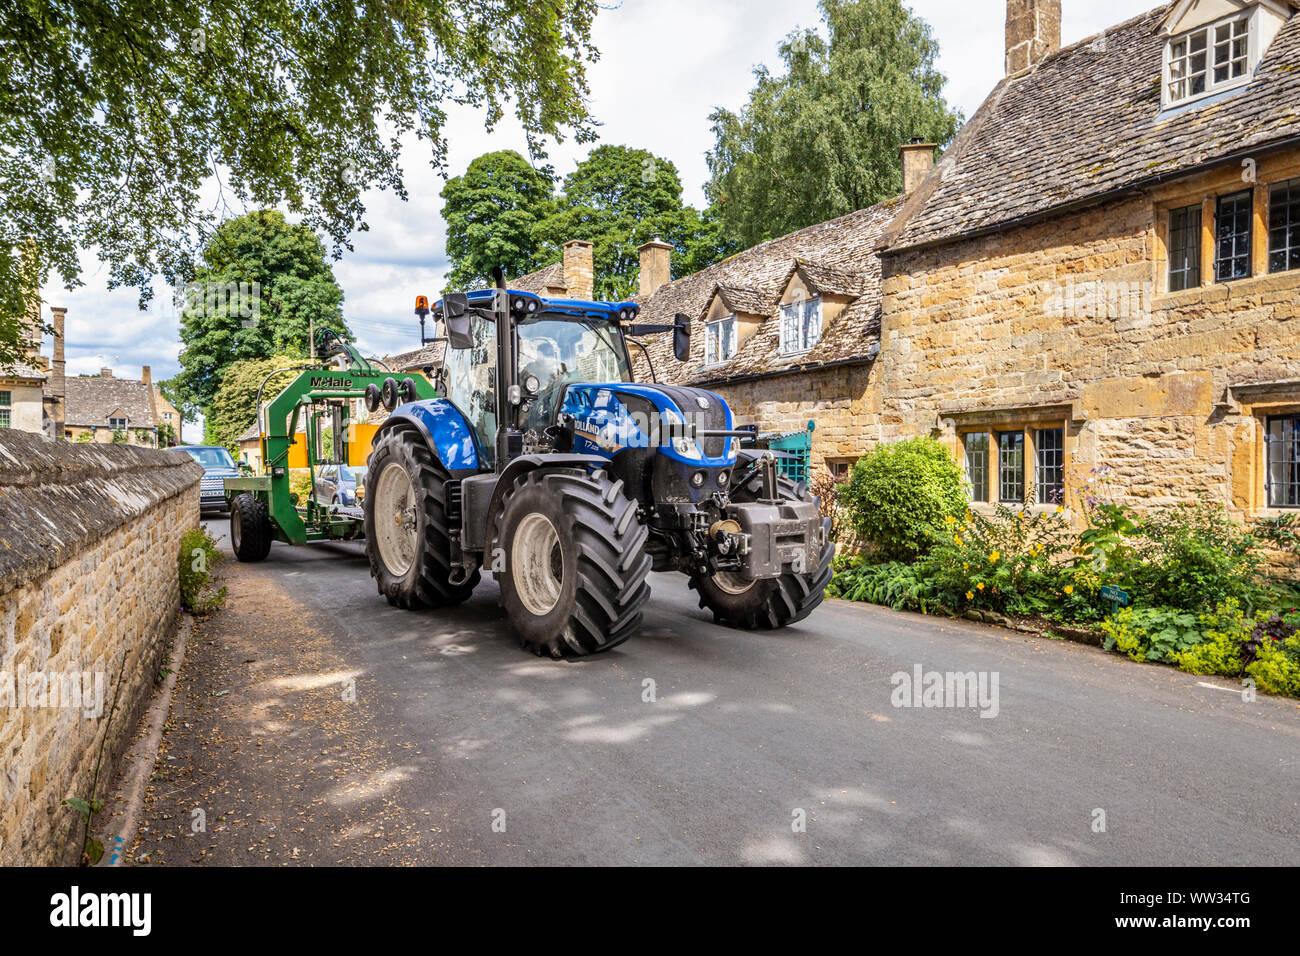 Maquinaria agrícola pesada la negociación de una calle estrecha en la aldea de Cotswold Snowshill, Gloucestershire, Reino Unido Foto de stock